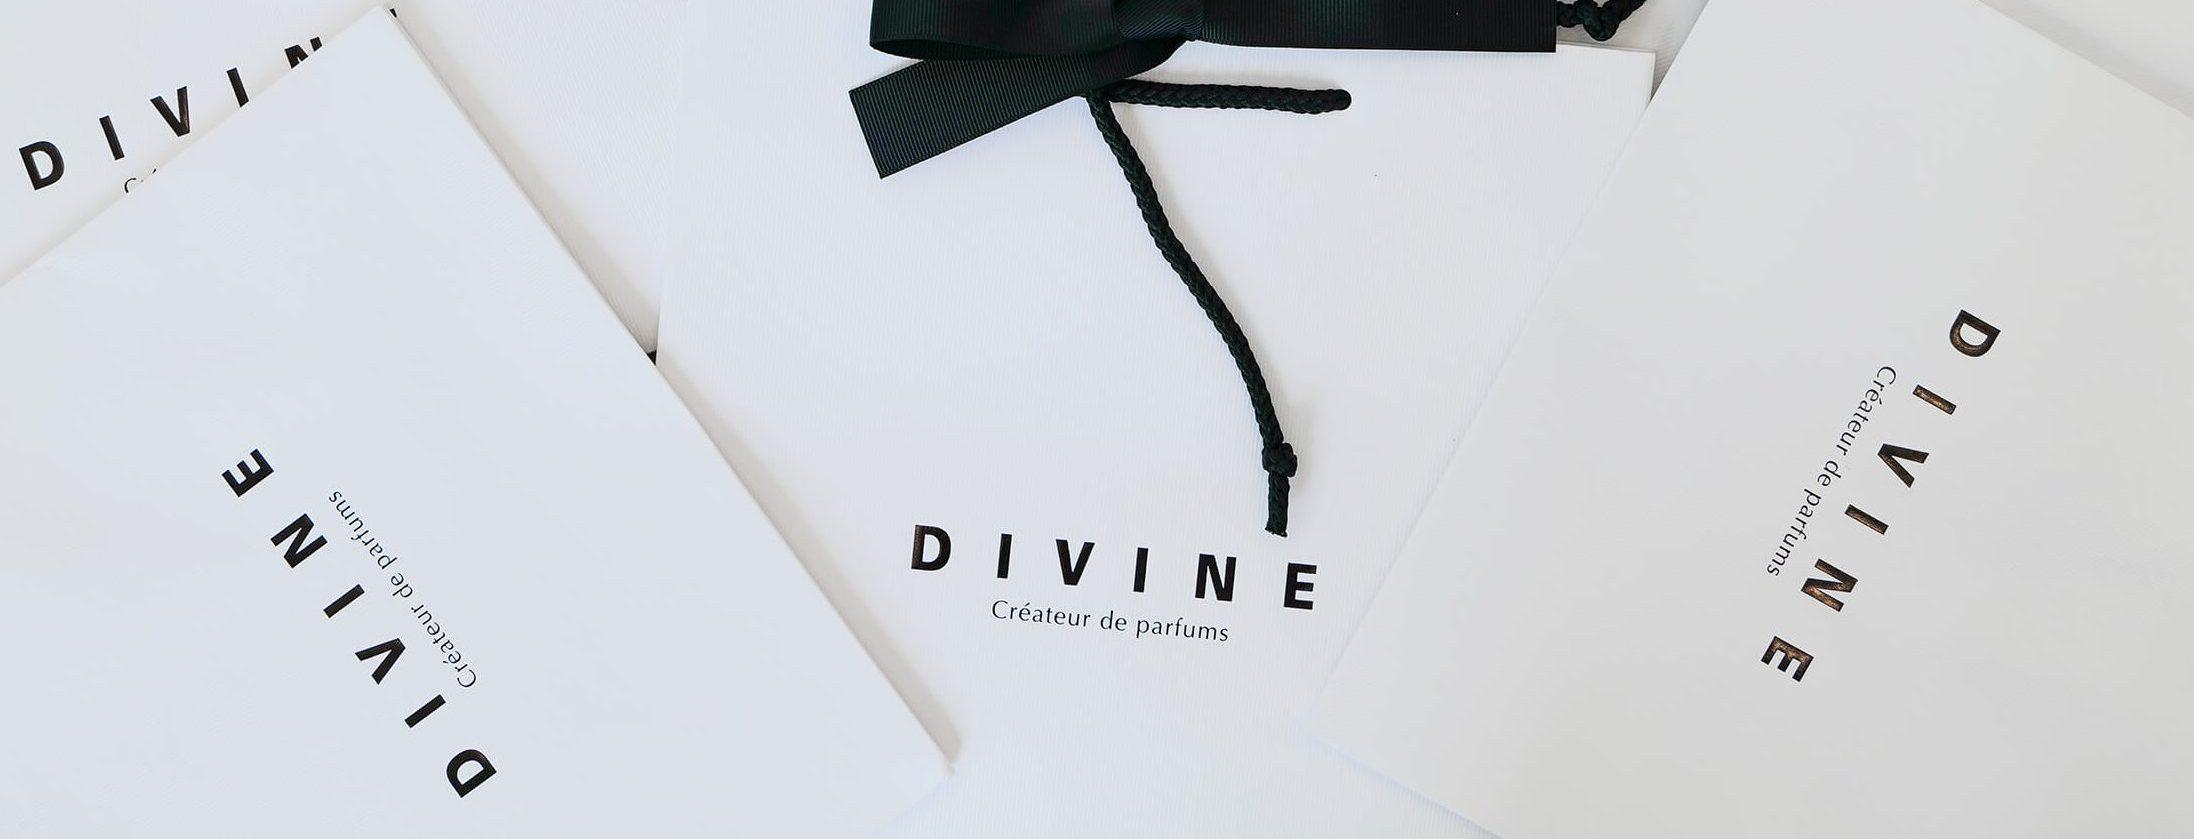 plaisir d'offrir du parfum avec divine